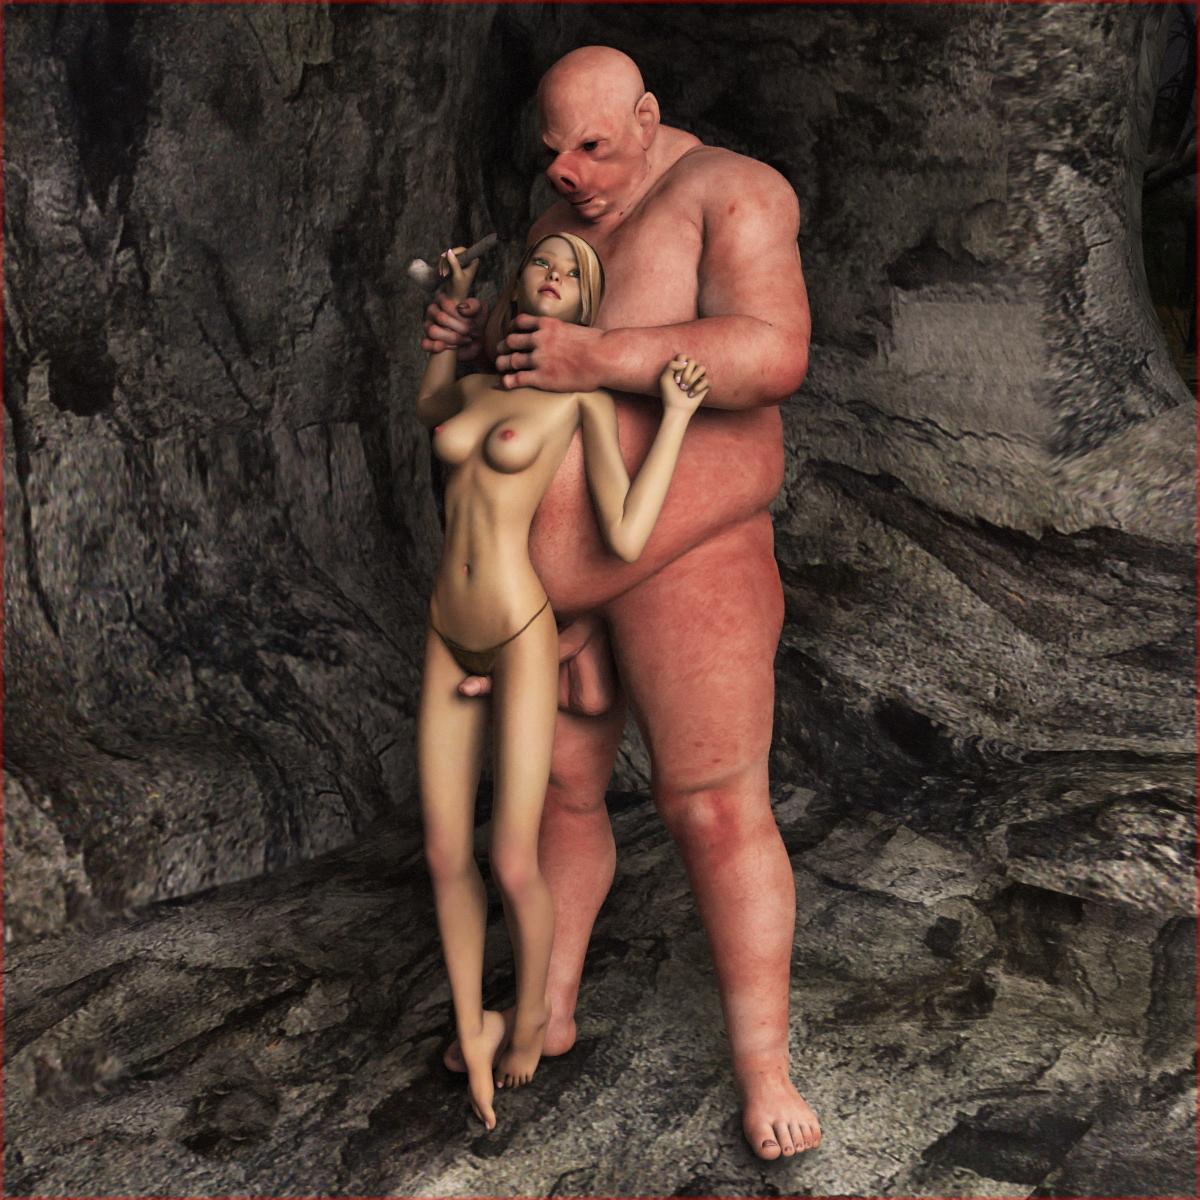 photo of virgin in humen fuck of girl